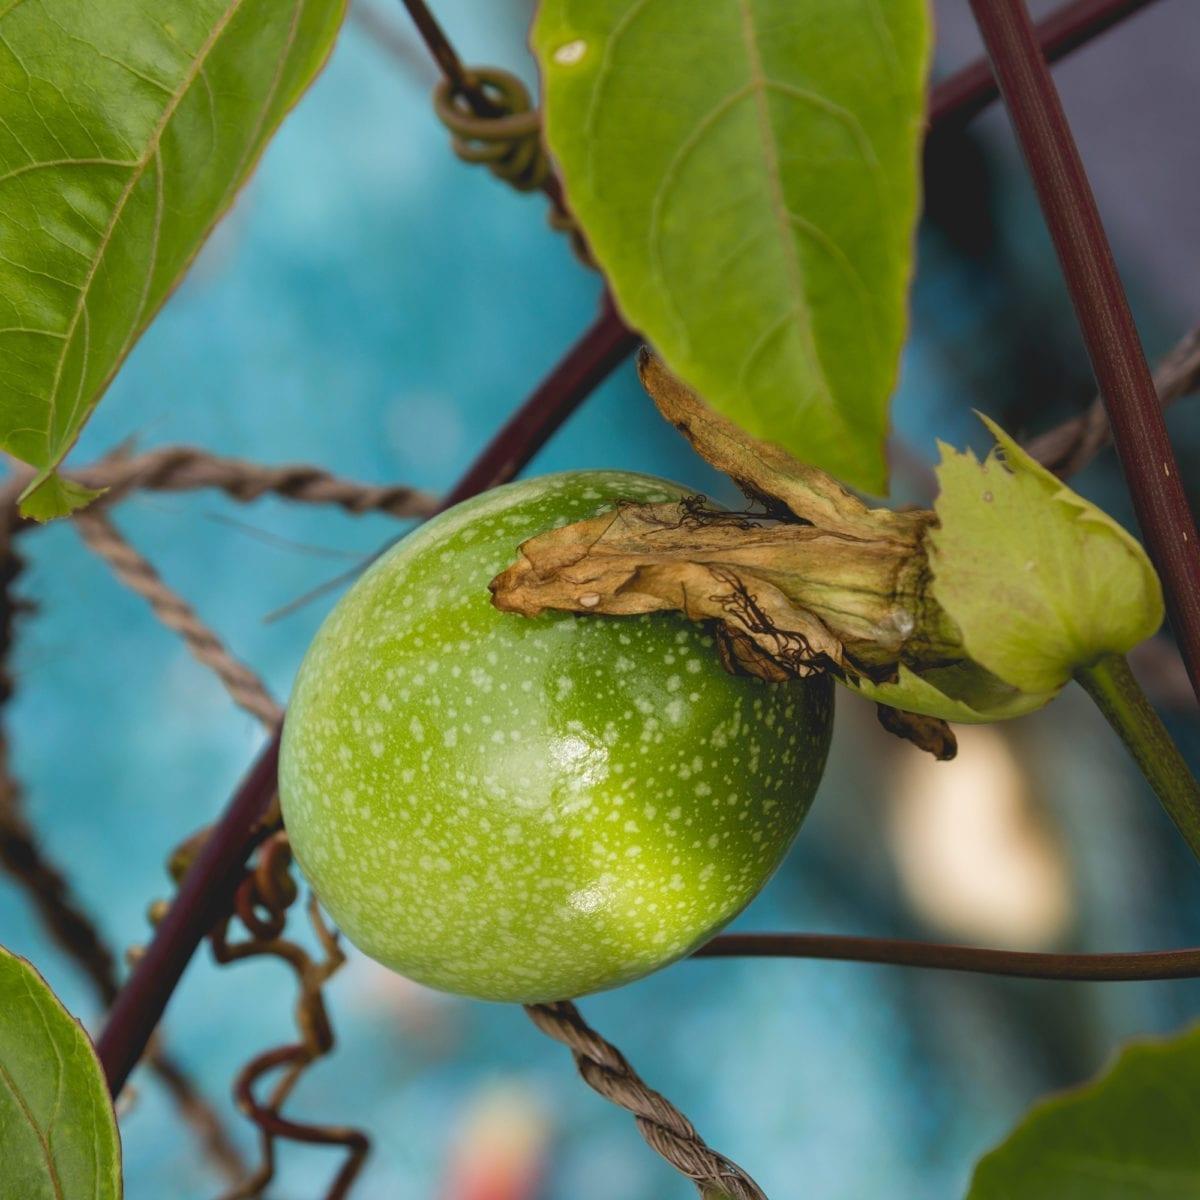 boskoopsefruitbomen   Passiflora edulis close up